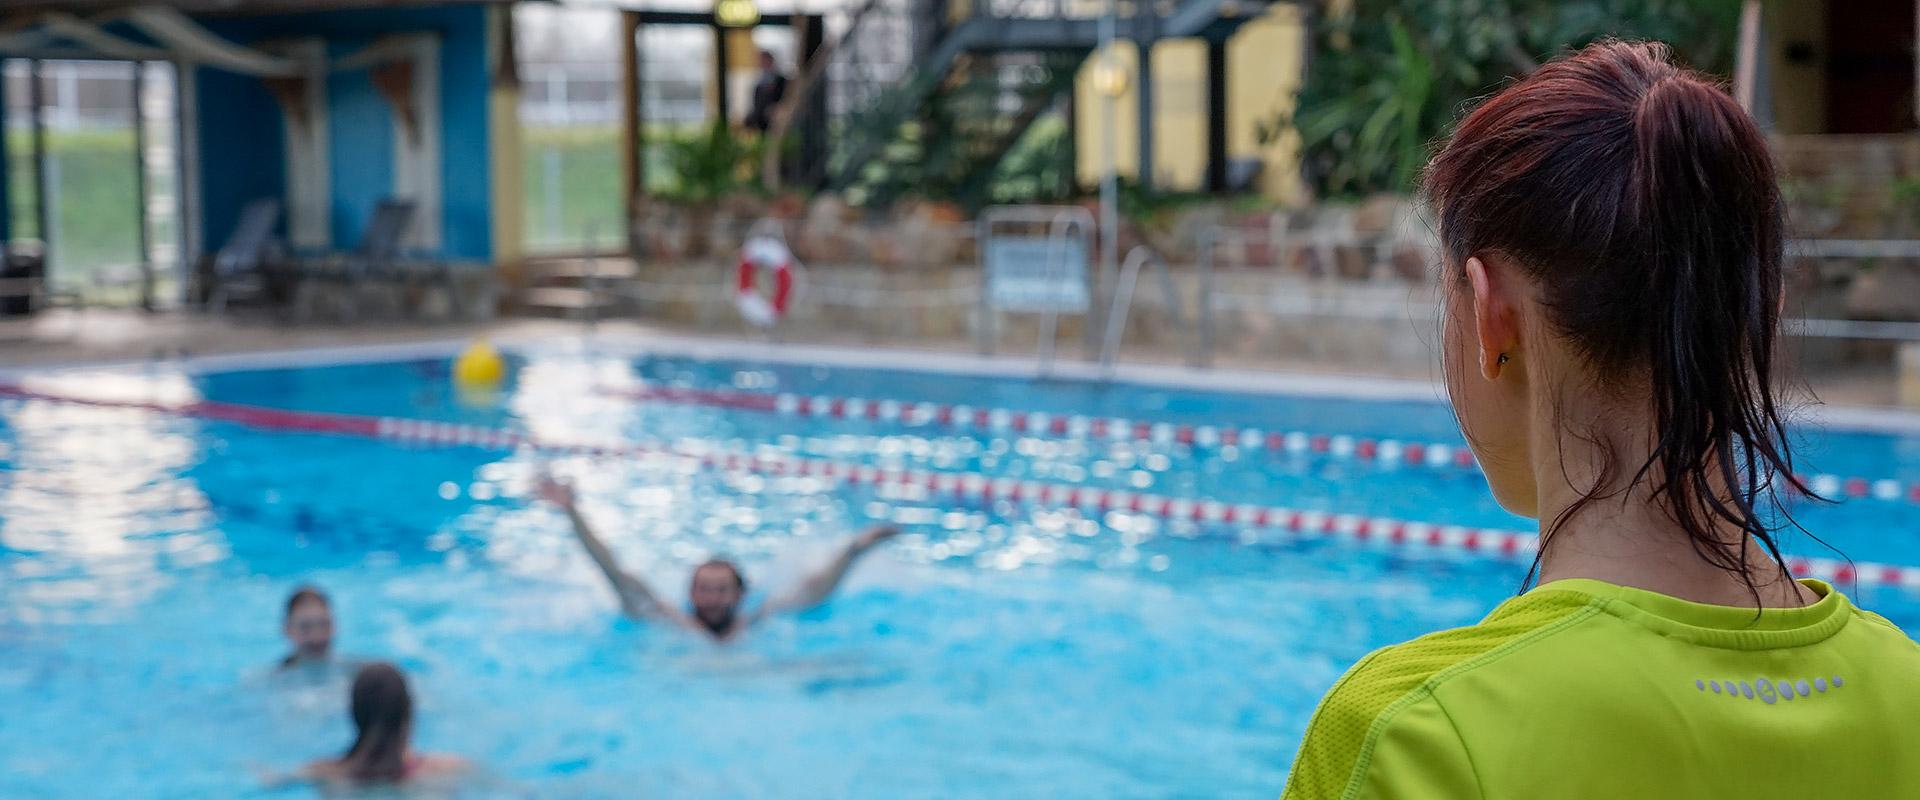 Schwimmen unter Aufsicht im Tropicana